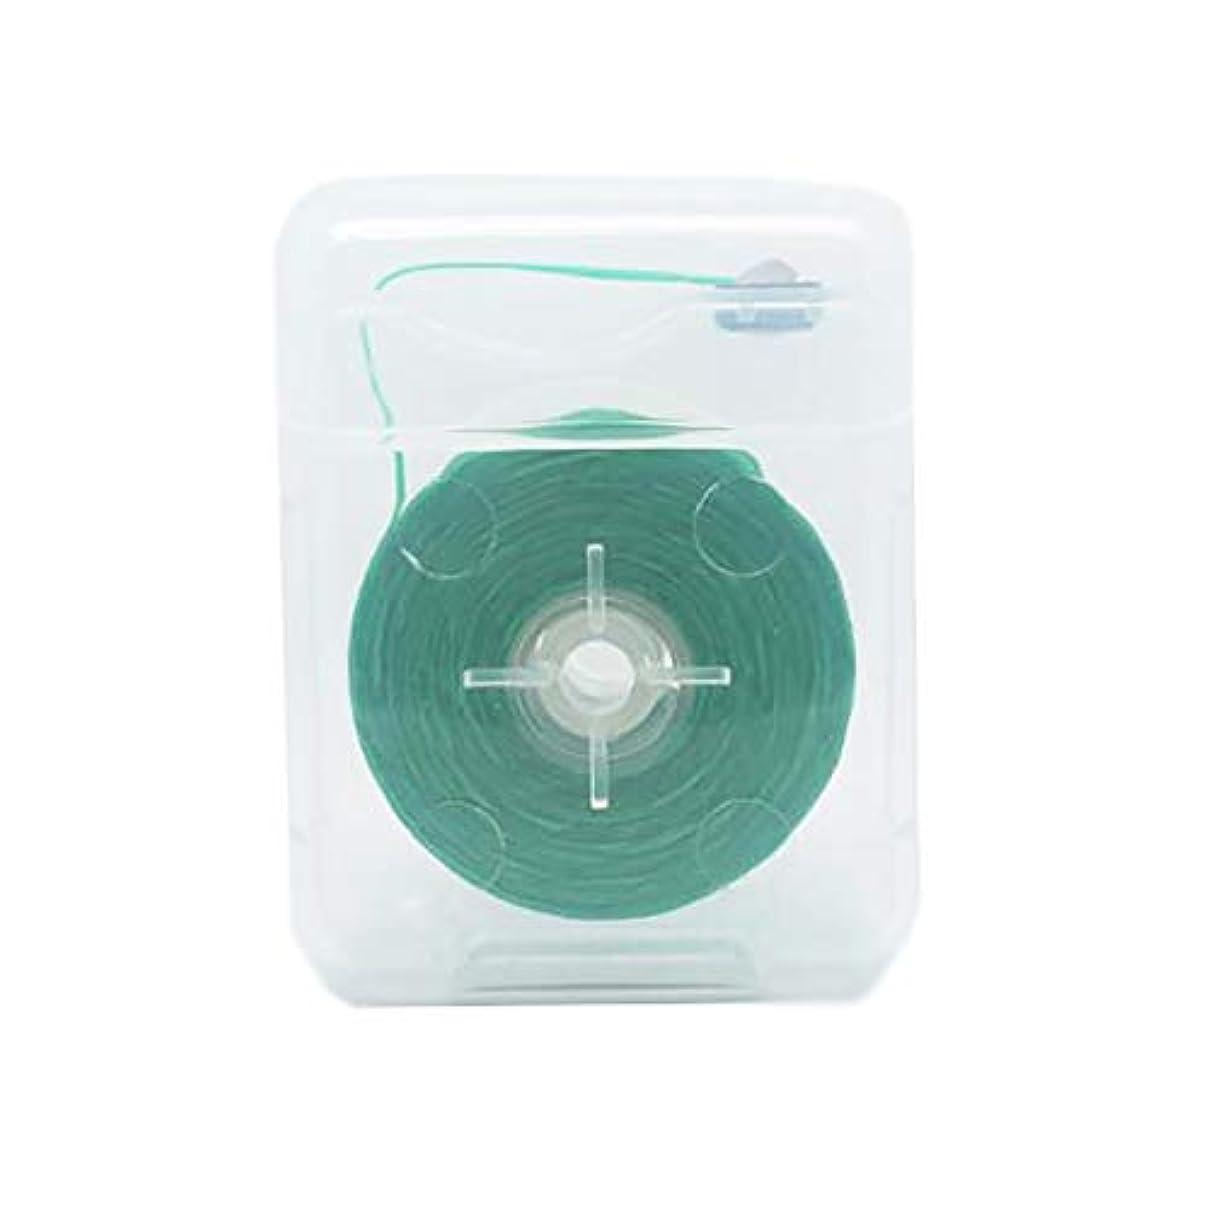 よろめくモーション便利さDecdeal デンタルフロス 50m 歯間歯のクリーナー 糸巻きタイプ